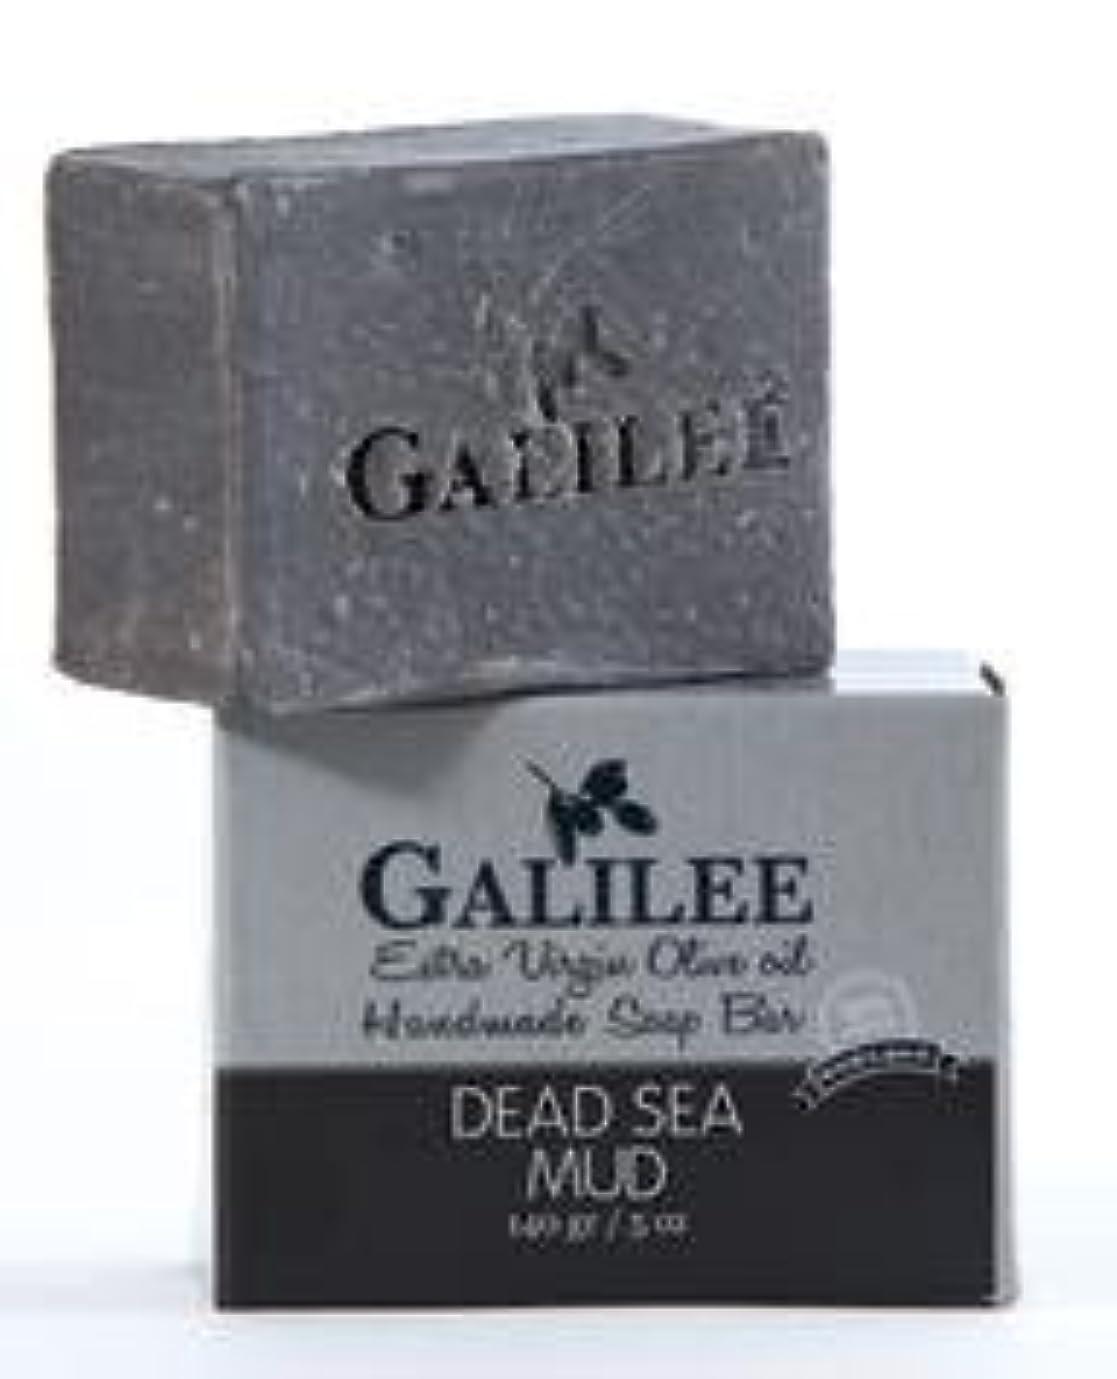 ナプキンシャトル抽象ガリレー フェイシャルオリーブオイル&死海の泥ソープ 140g